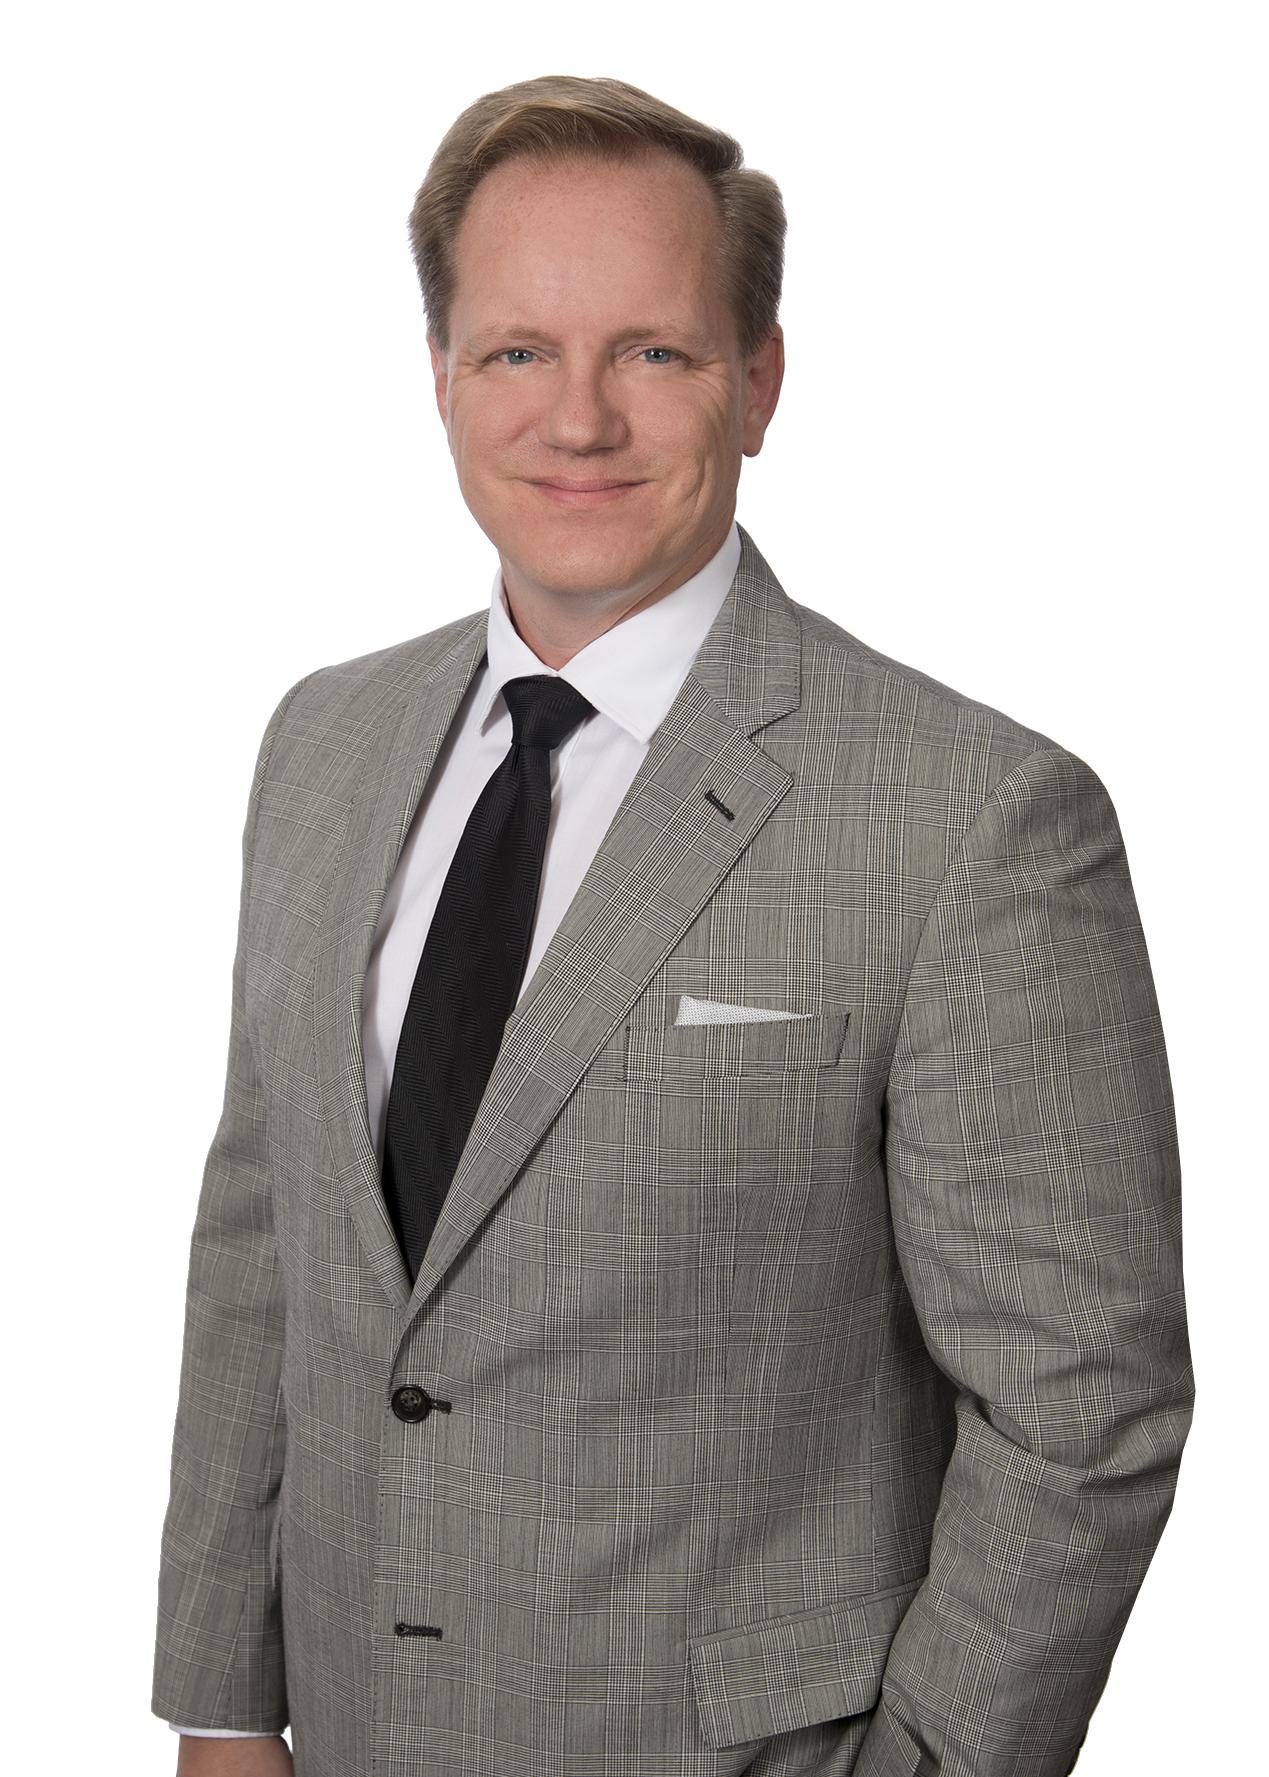 651-208-9848 Mark R. Westpfahl, REALTOR, Broker/Owner, VEXILLUM REALTY